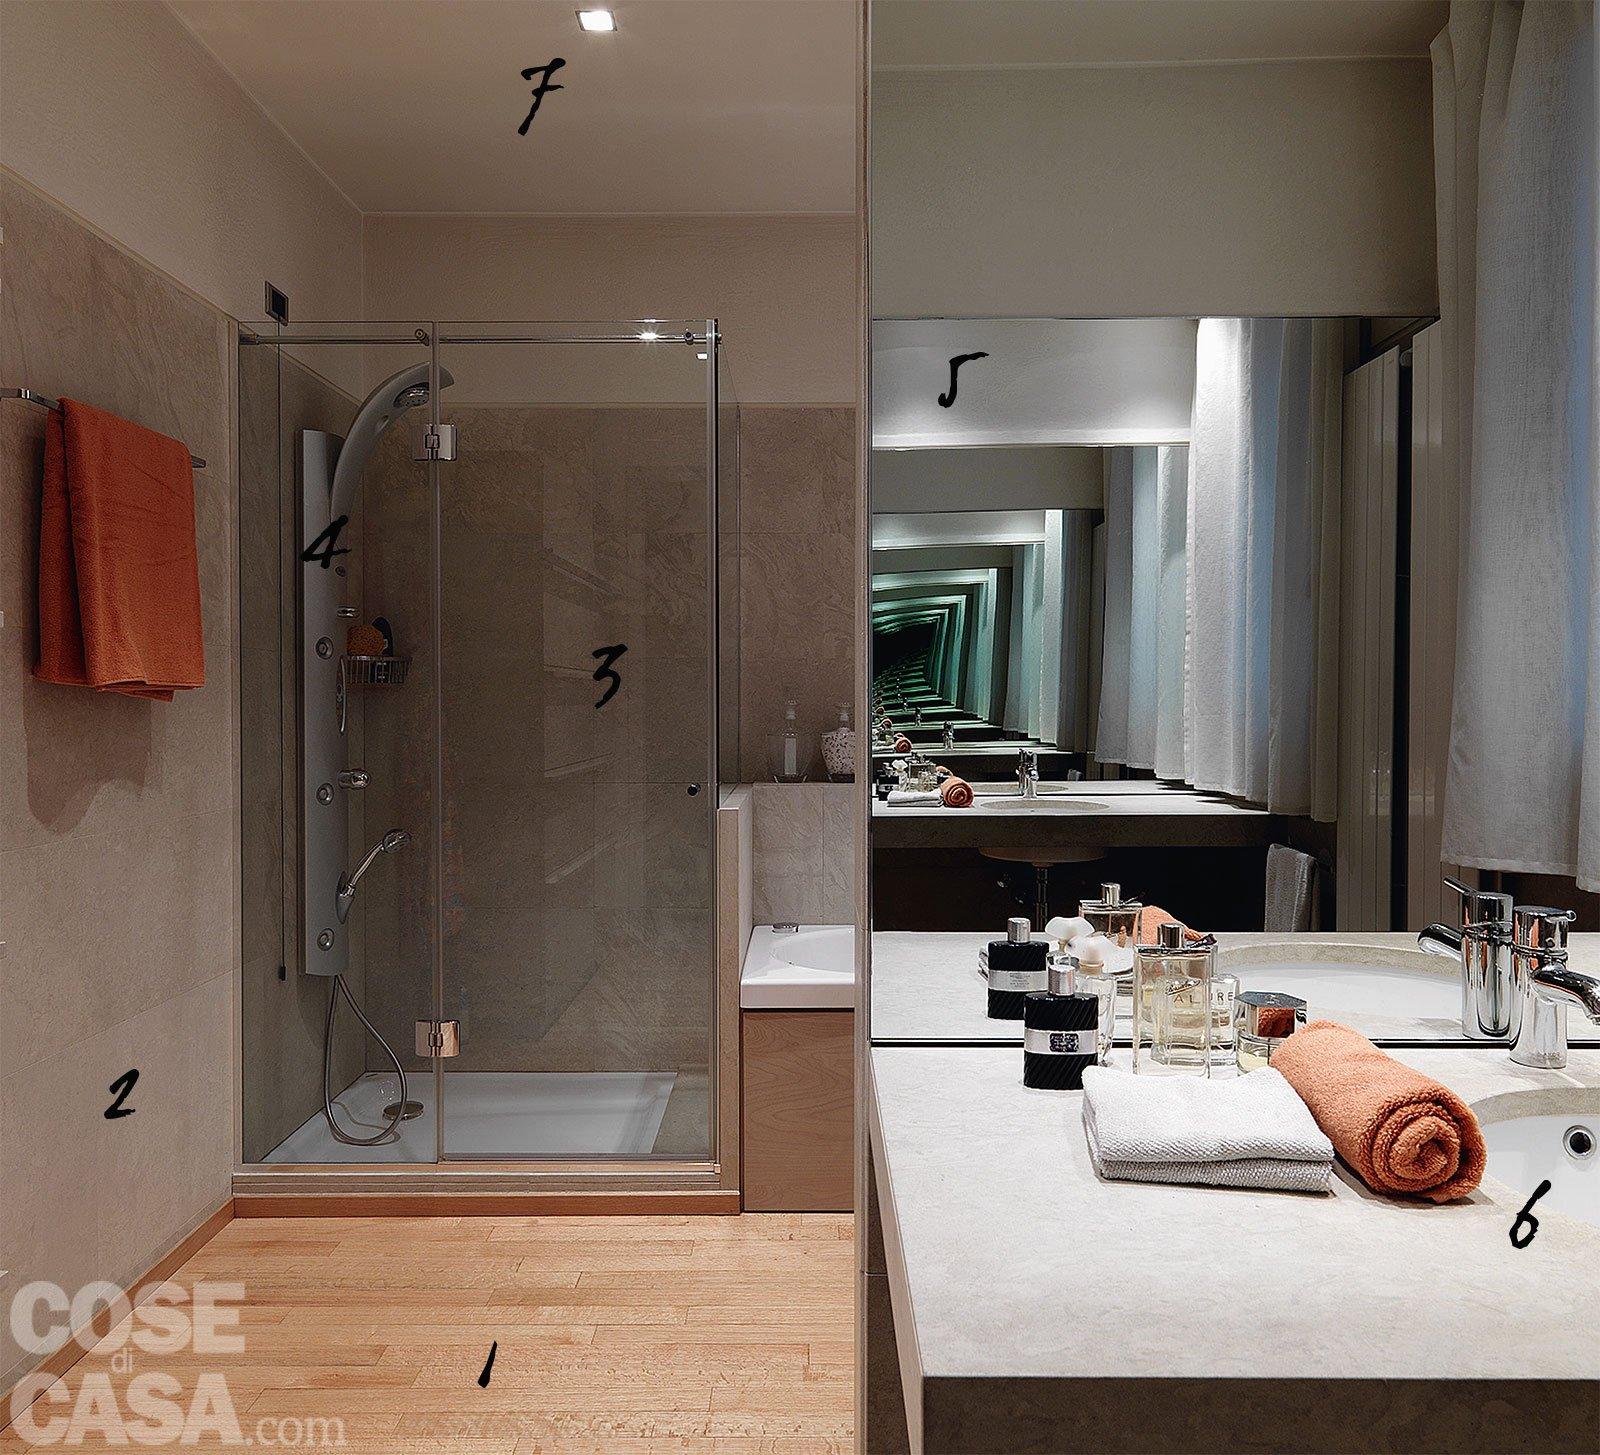 Bagno in stile minimal idee da copiare cose di casa for Arredo interni idee